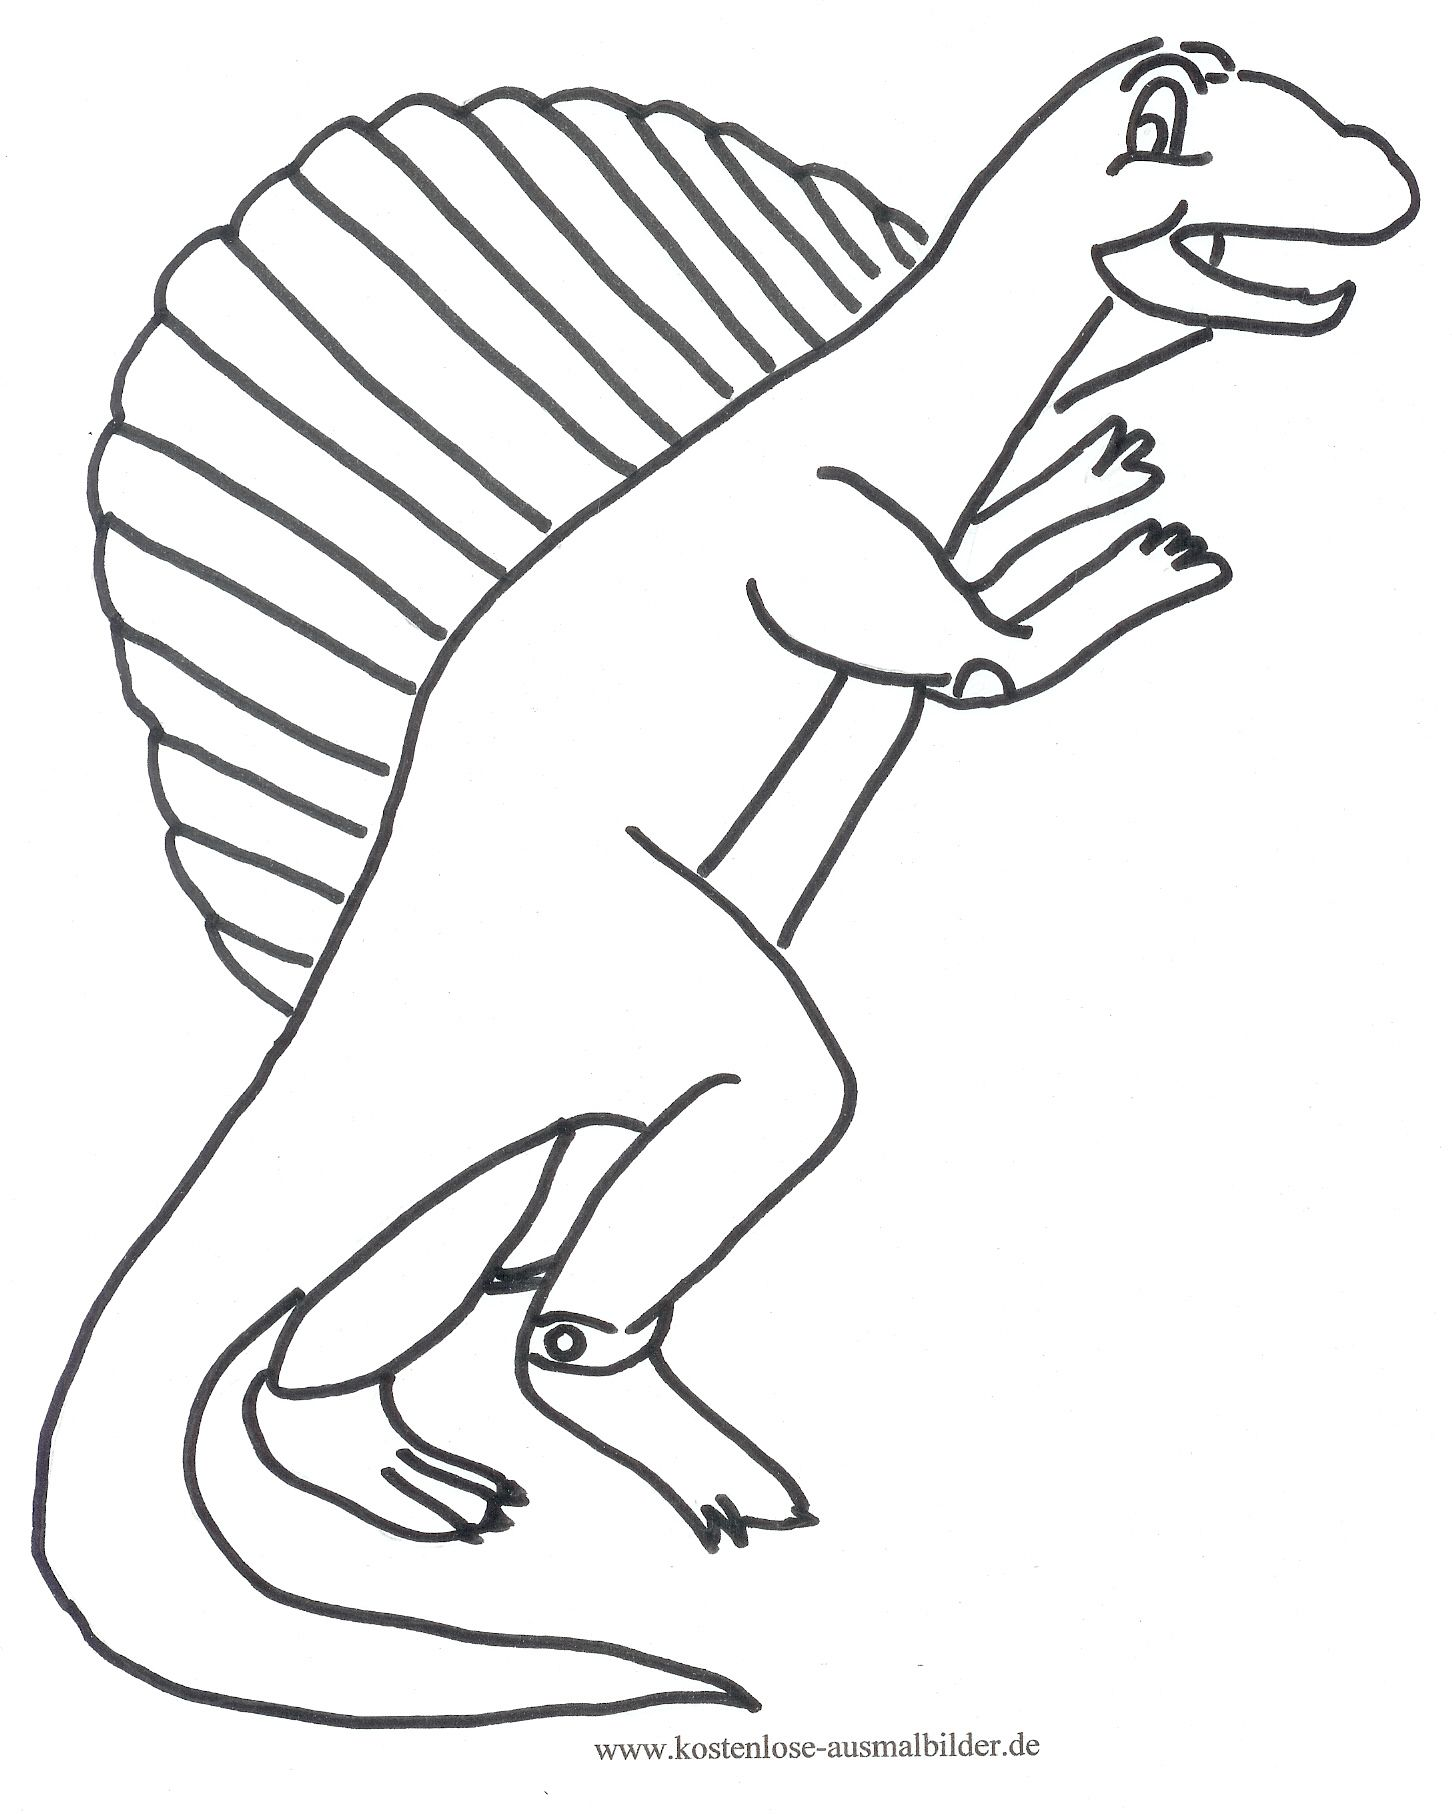 Ausmalbild Dino ausdrucken  Malvorlage dinosaurier, Malvorlagen